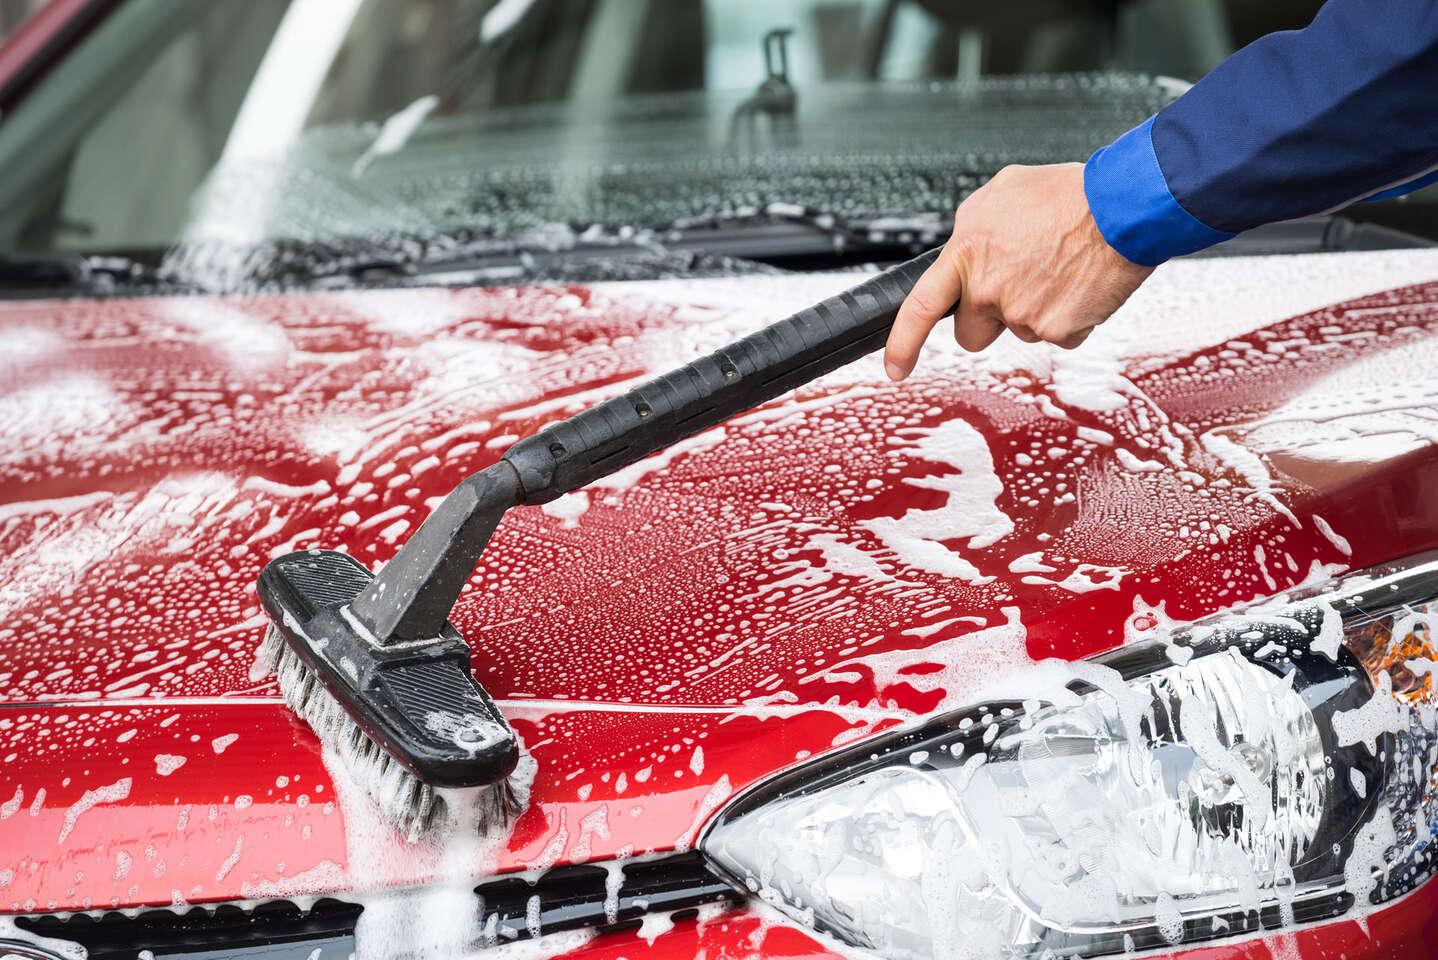 Kompletné ručné umytie auta, tepovanie alebo dezinfekcia ozónom